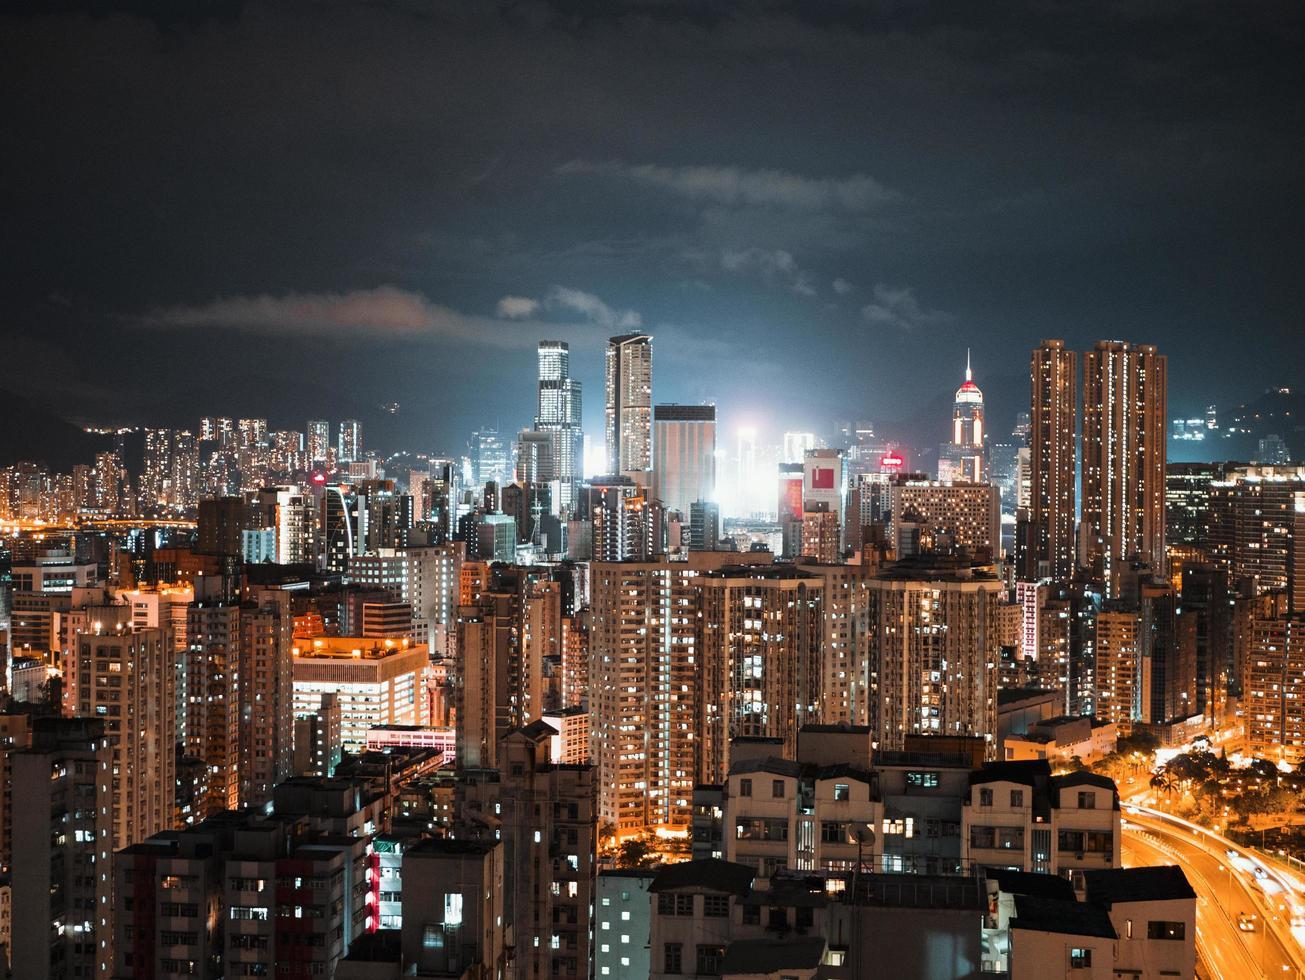 verlichte stadsgebouwen tijdens de nacht foto